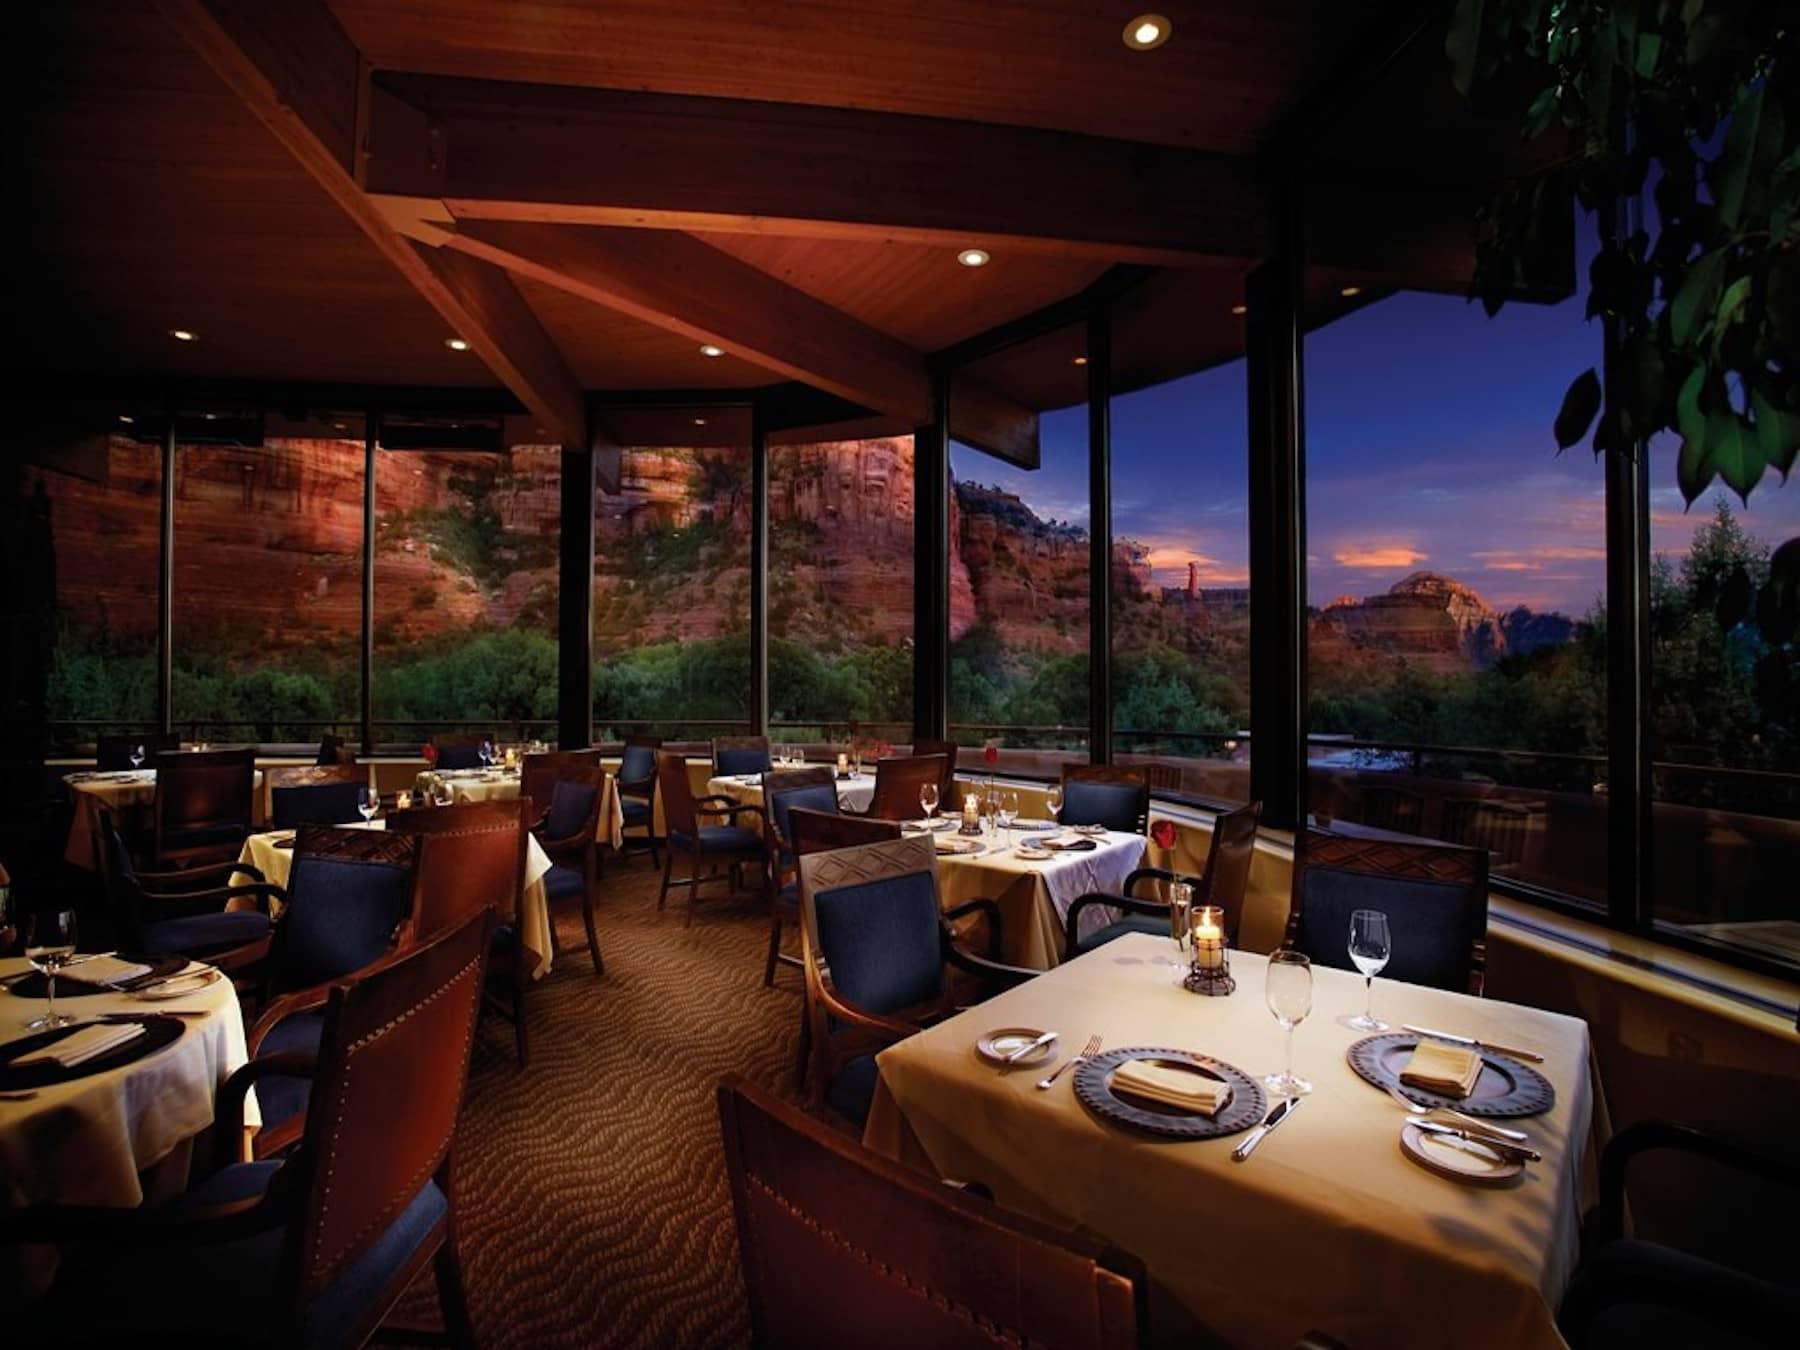 Enchantment Resort – Grand Canyon Stati Uniti - Viaggio di nozze